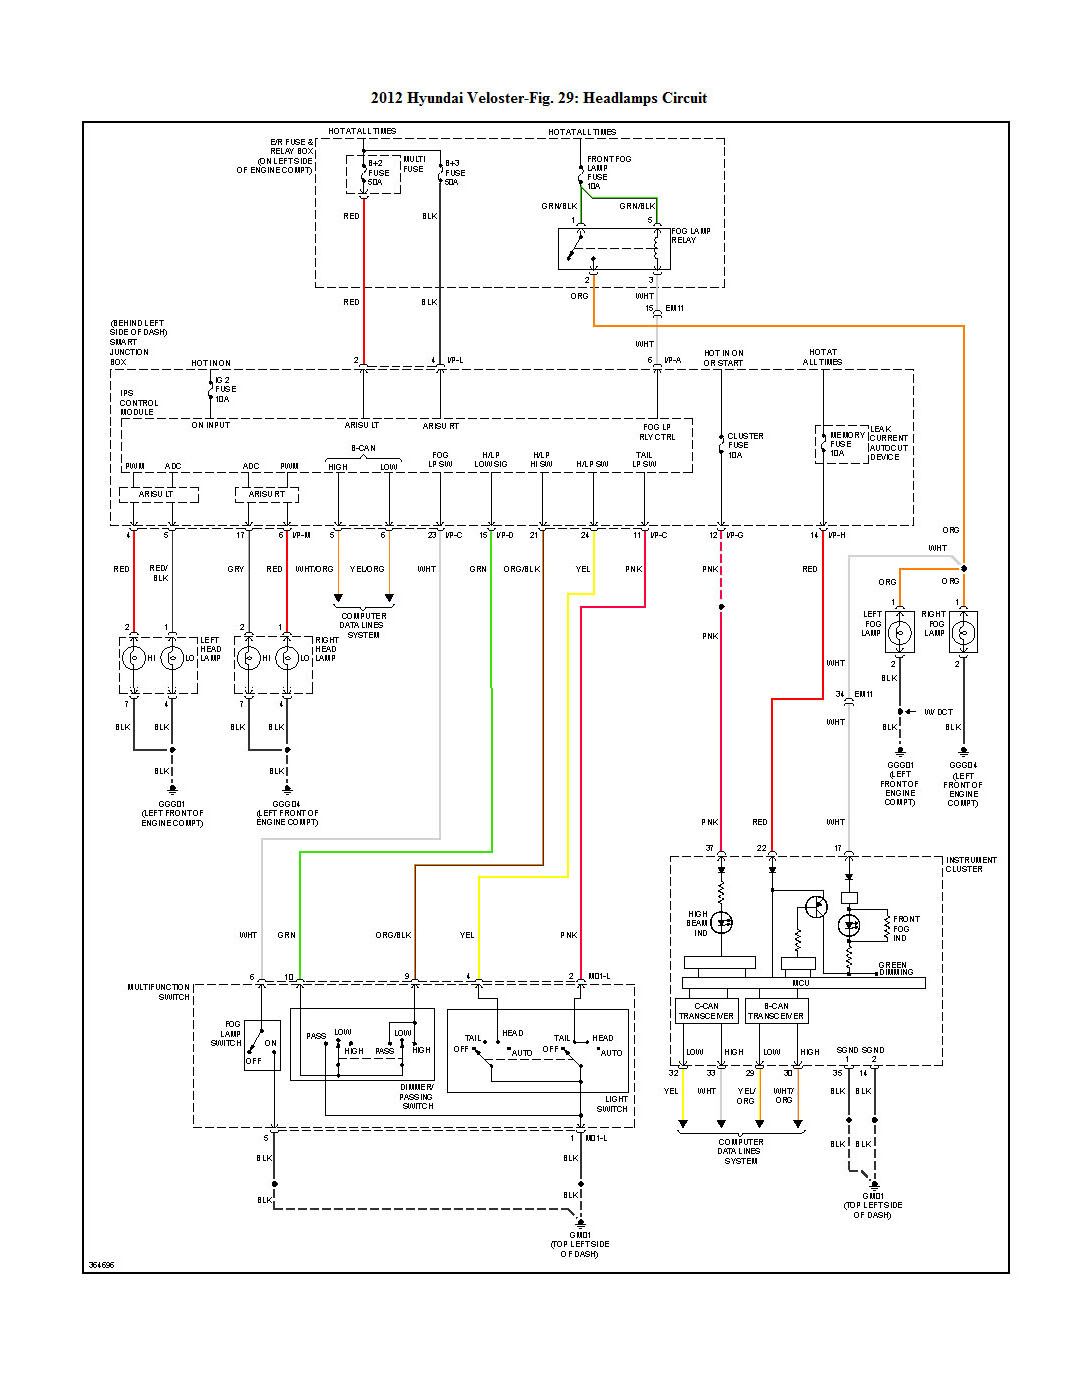 2000 hyundai elantra radio wiring diagram - 2000 dodge ram v1 0 fuse box  diagram - impalafuse.yenpancane.jeanjaures37.fr  wiring diagram resource